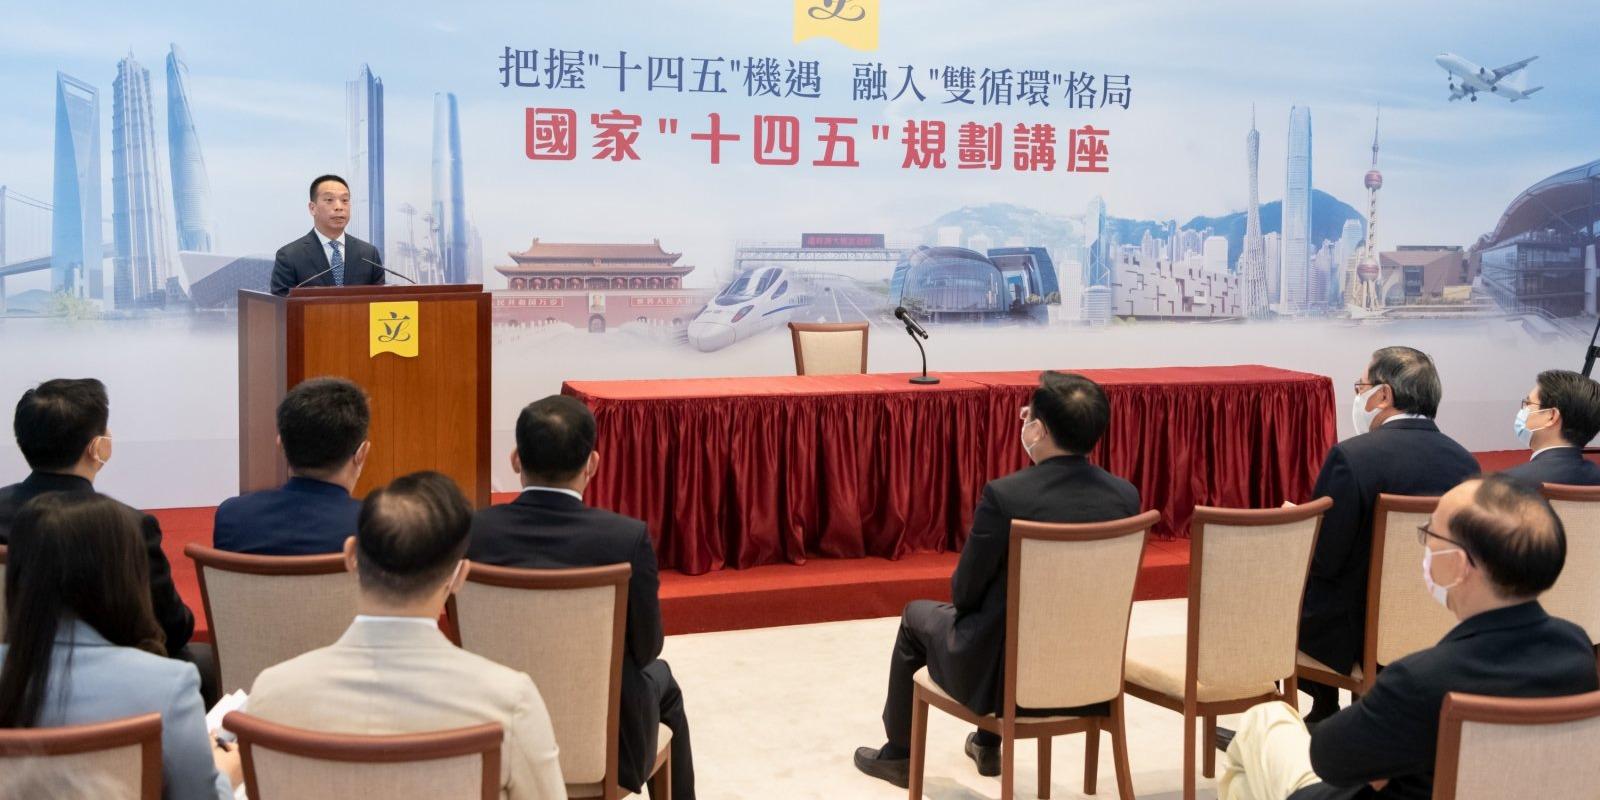 黃柳權:國家「十四五」規劃為香港提供了重要機遇